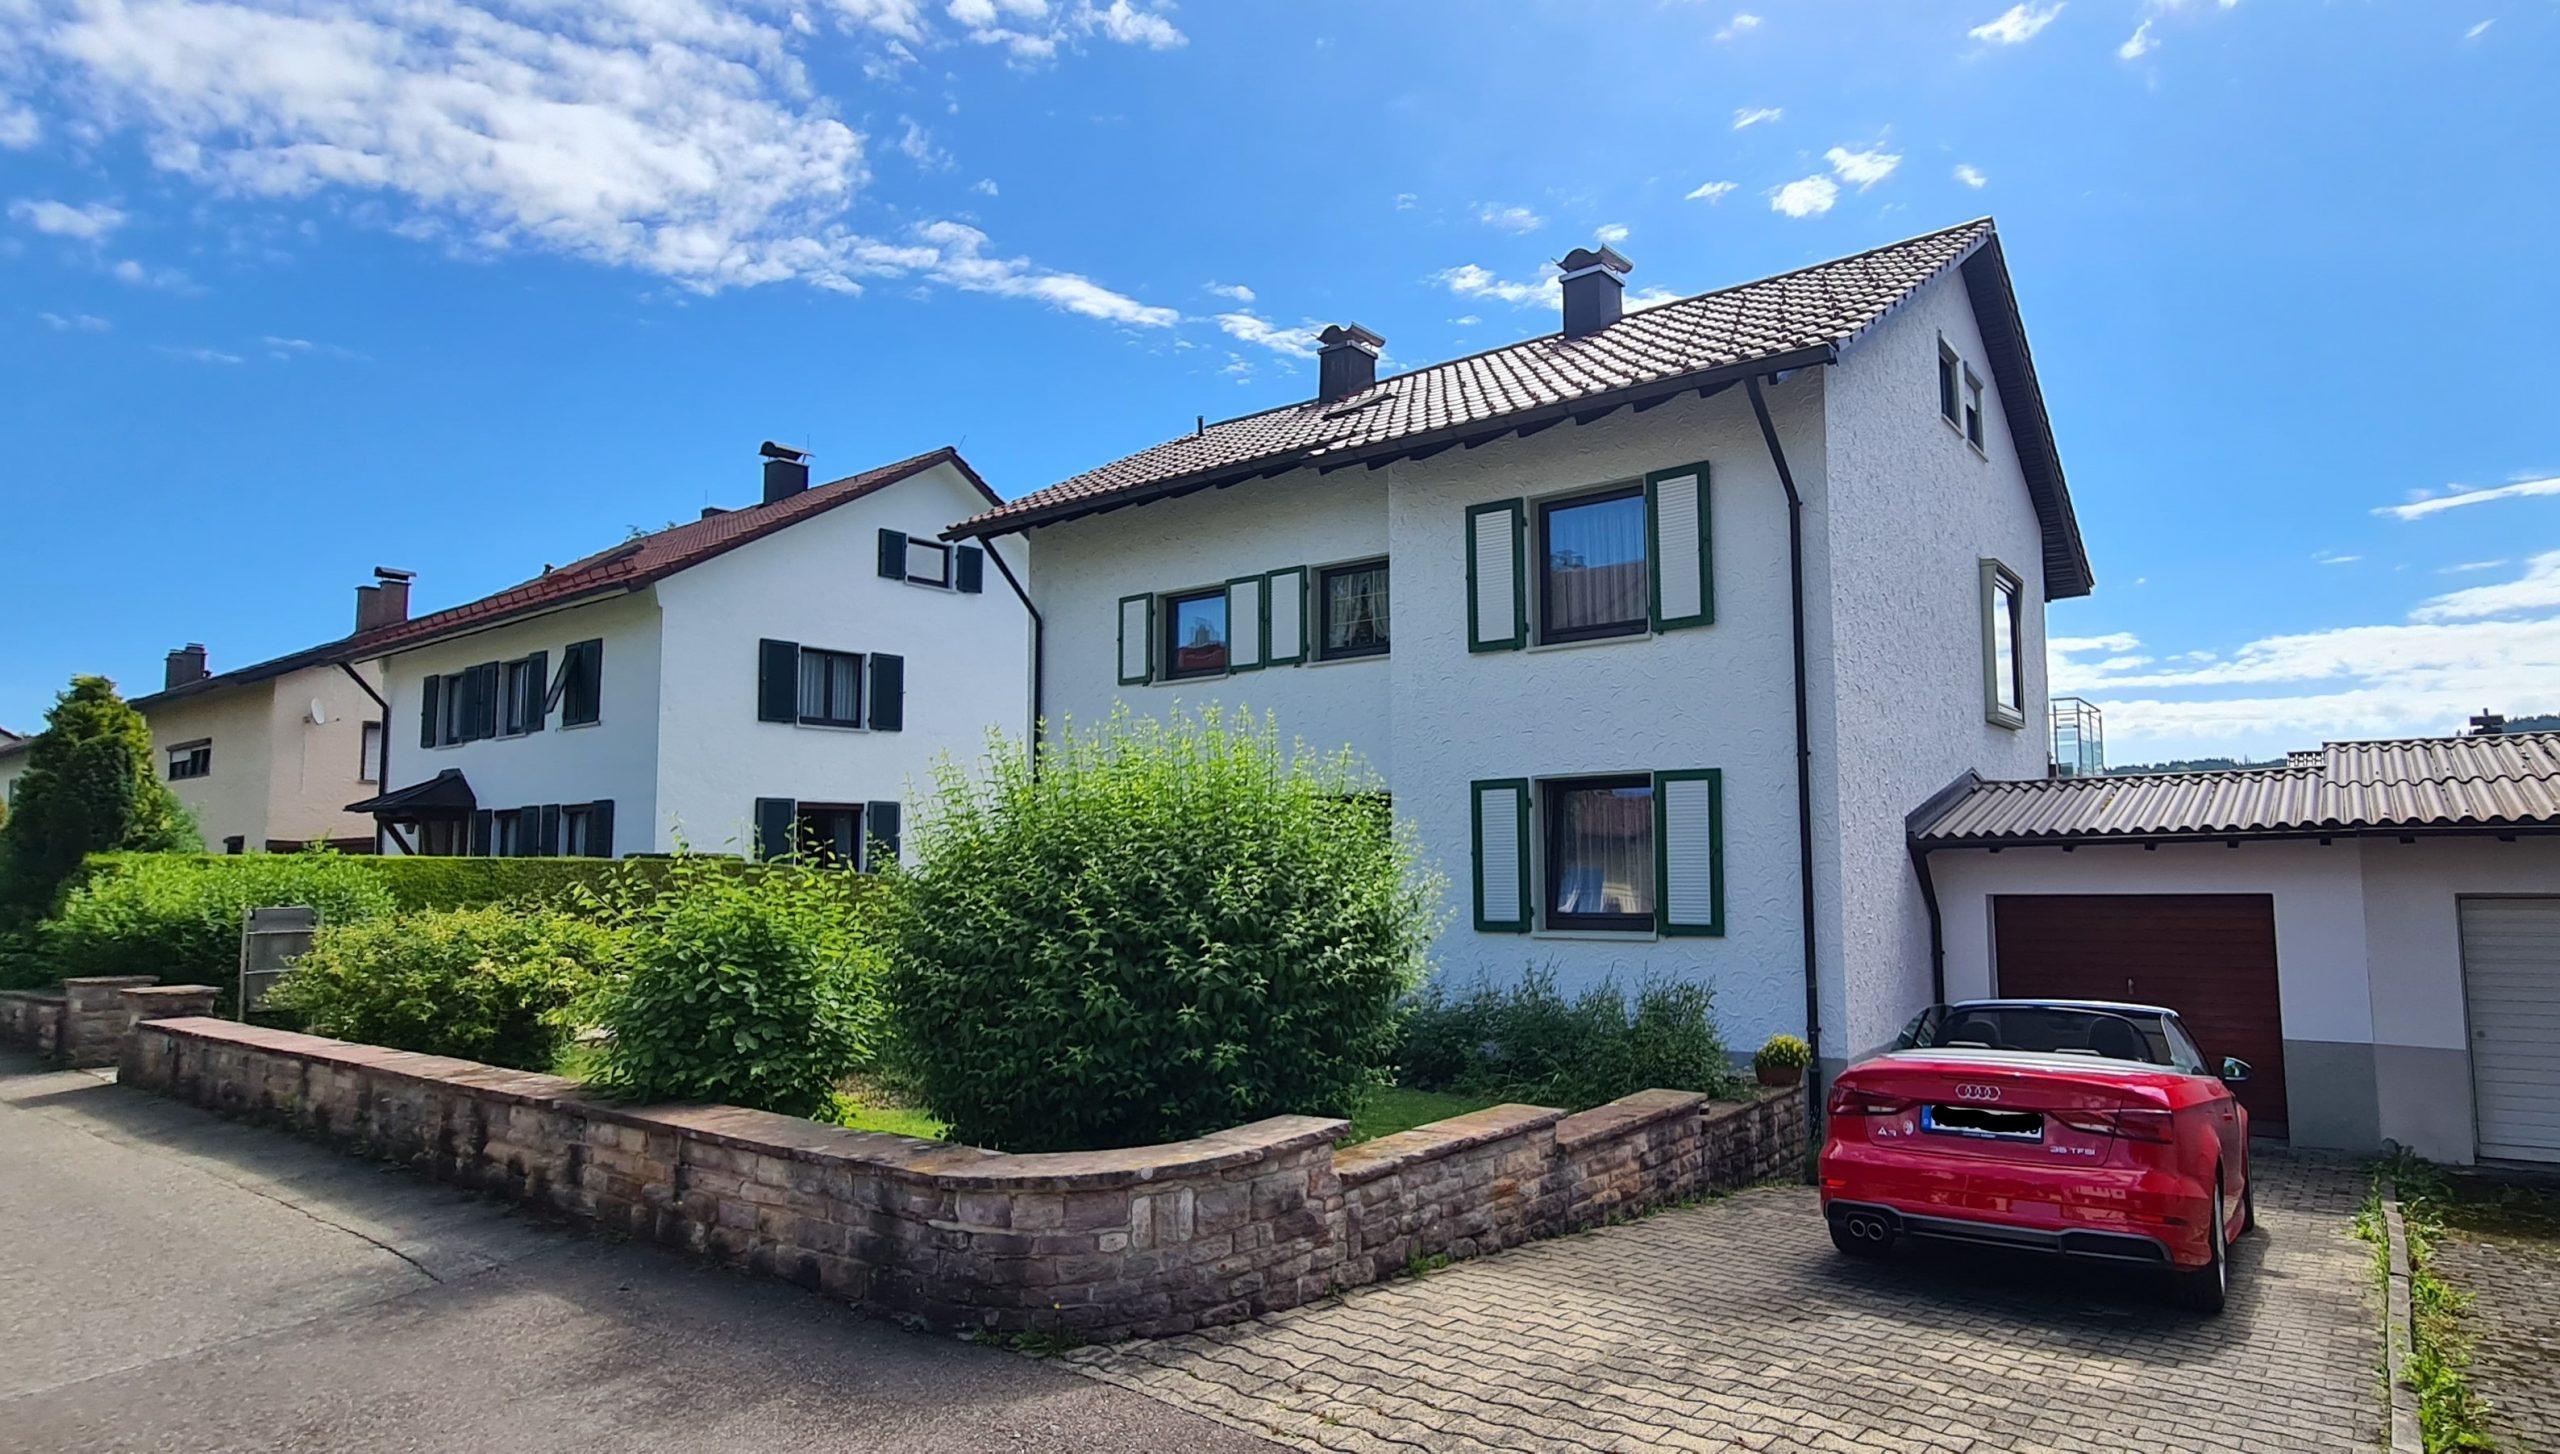 Top Angebot! Gepflegtes Zweifamilienhaus in toller Lage inkl. Photovoltaikanlage und Garage